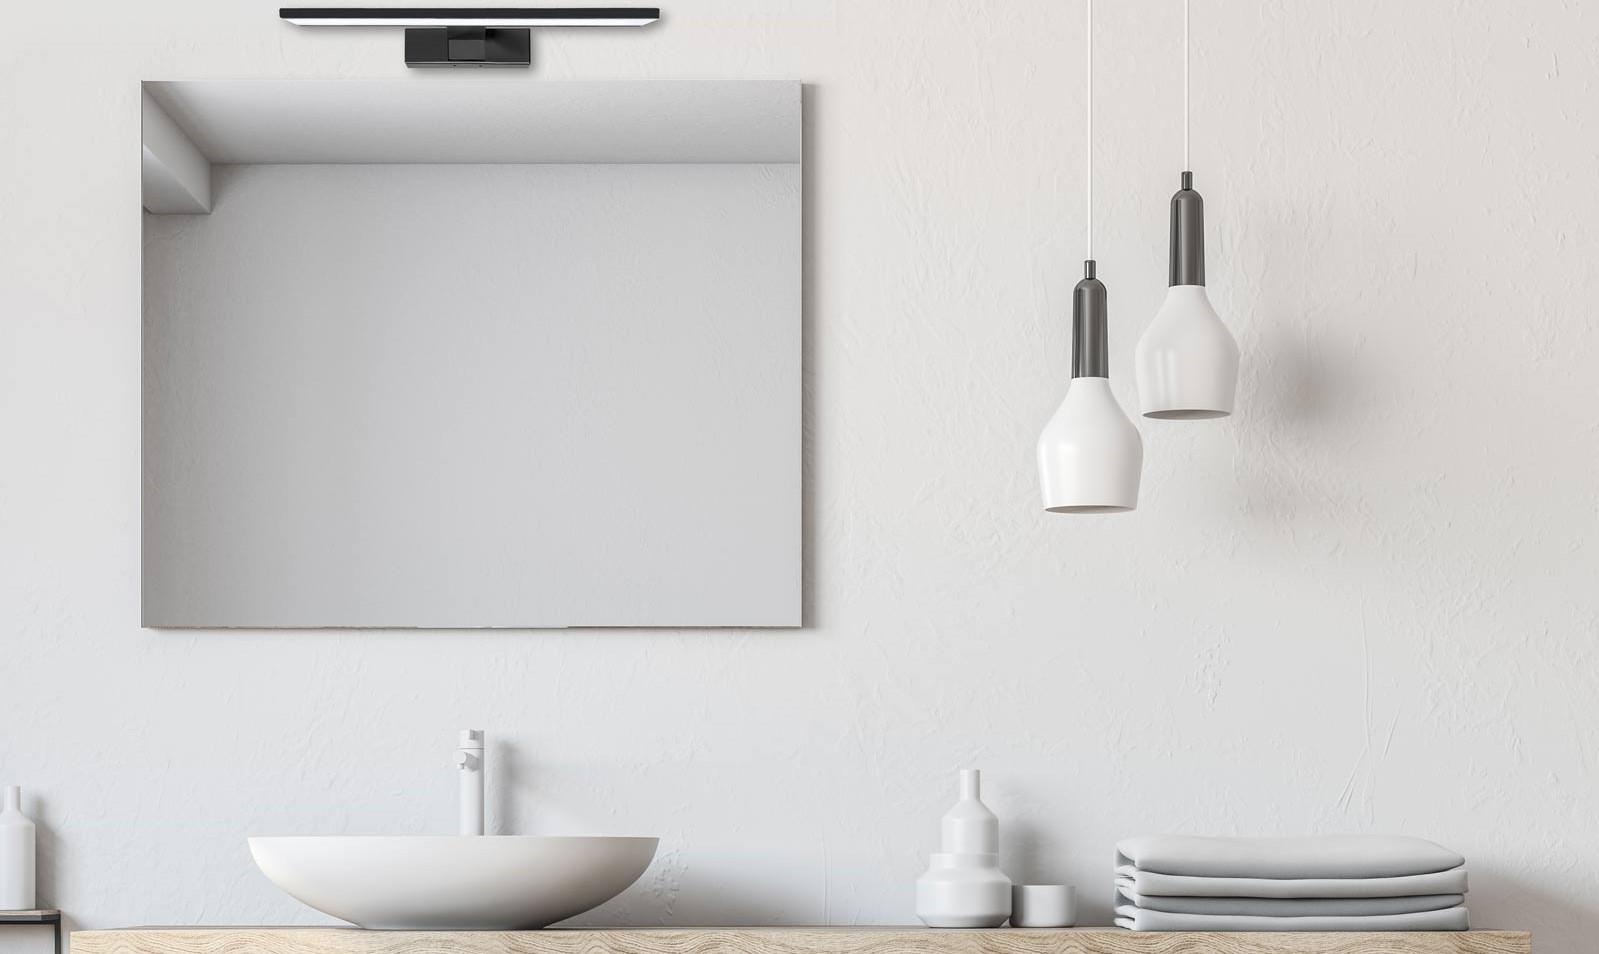 LED Spiegelleuchten – ein Muss in jedem Badezimmer   SEBSON